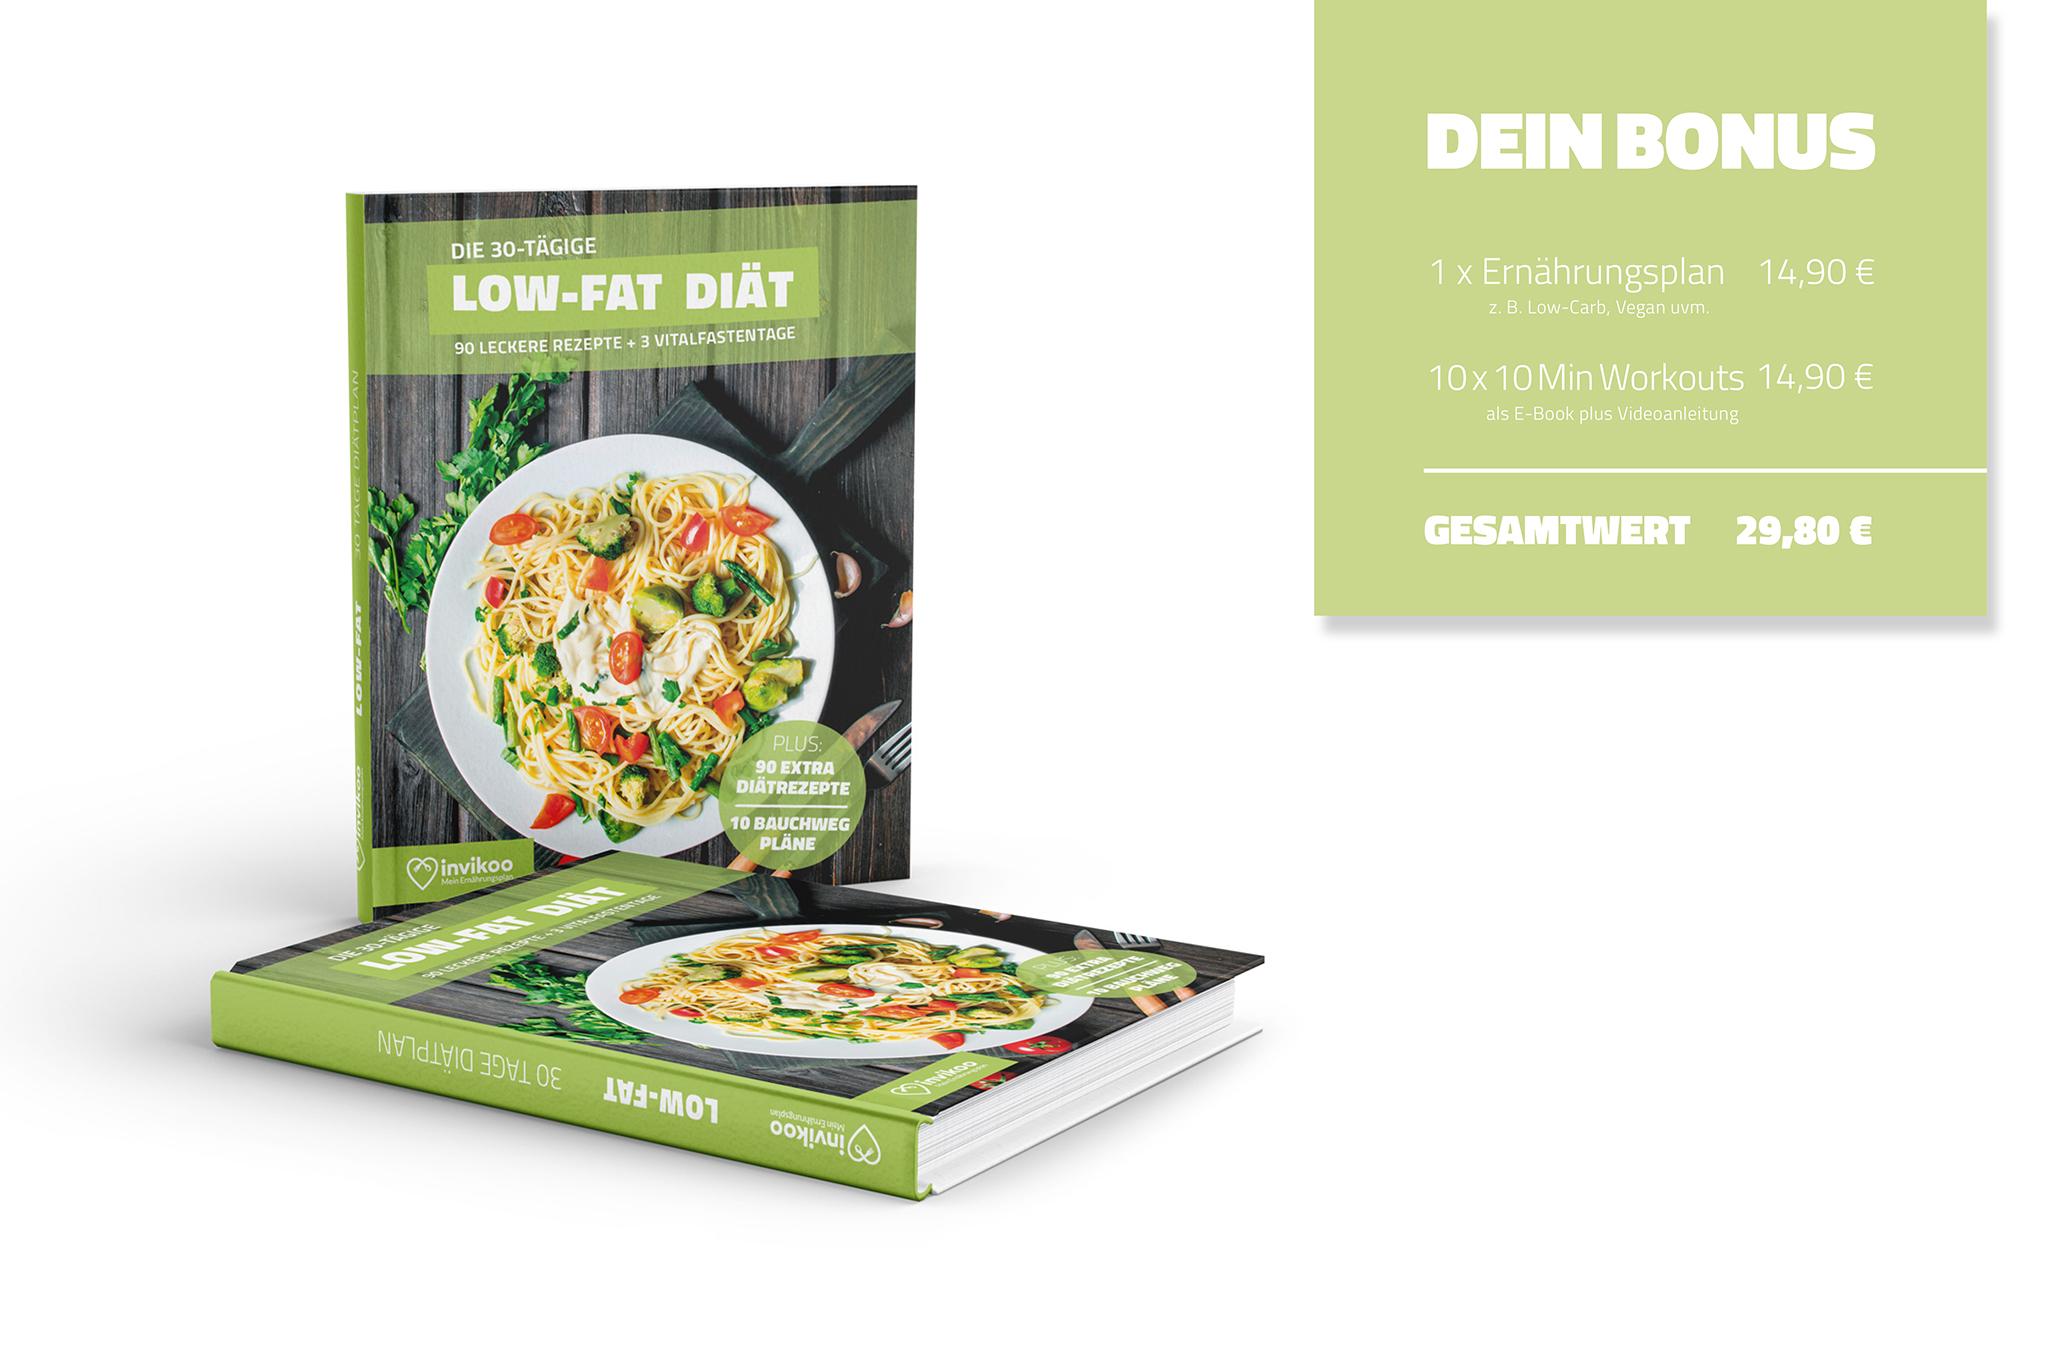 low-fat-kochbuch-abnehmen-bonus-invikoo